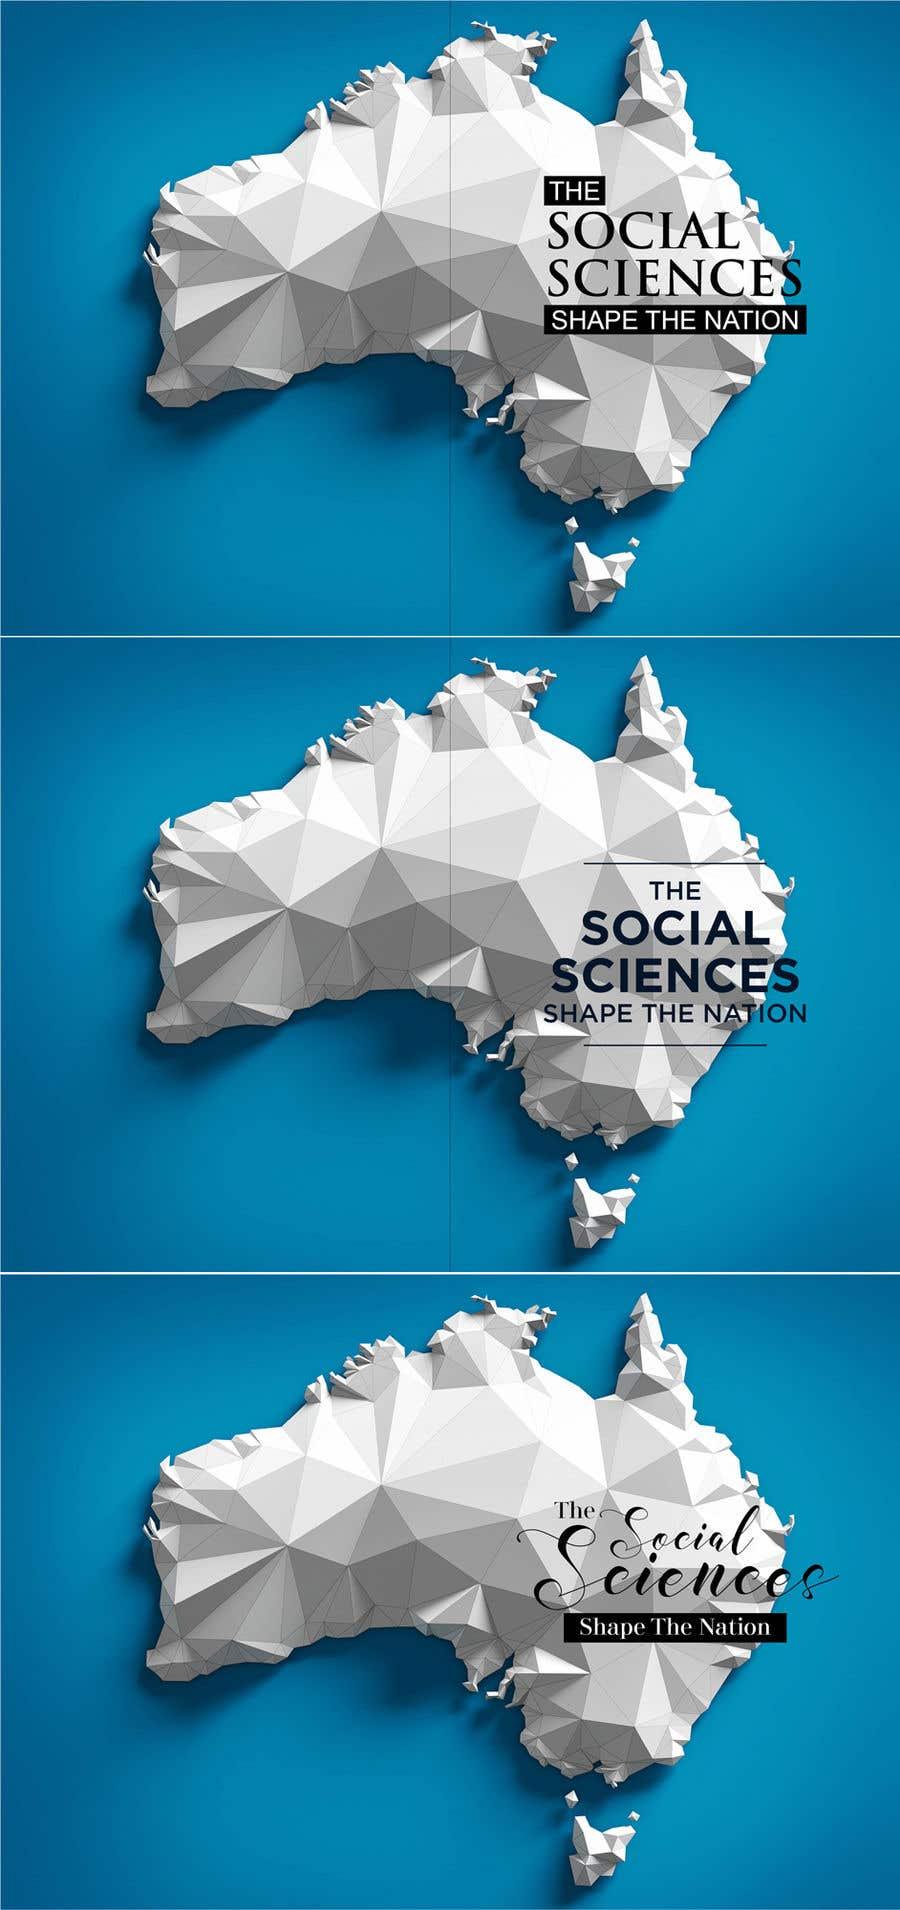 Konkurrenceindlæg #2 for Video cover design (InDesign)